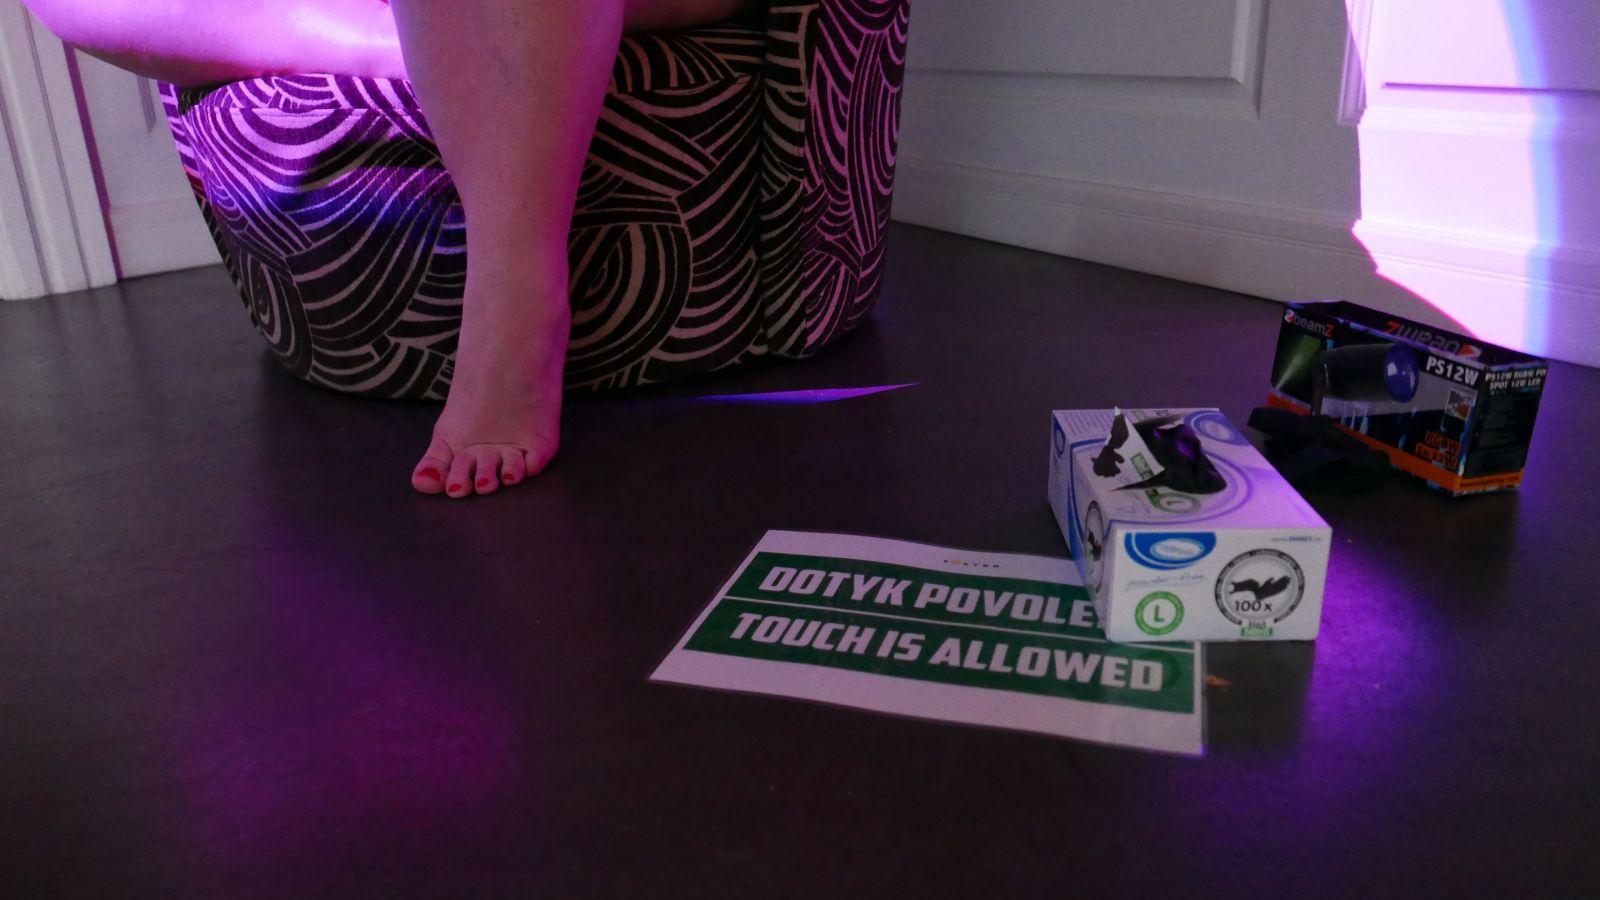 Na kontroverznej výstave nahých žien boli dovolené aj dotyky. Niektorí návštevníci to využili naplno (Report)